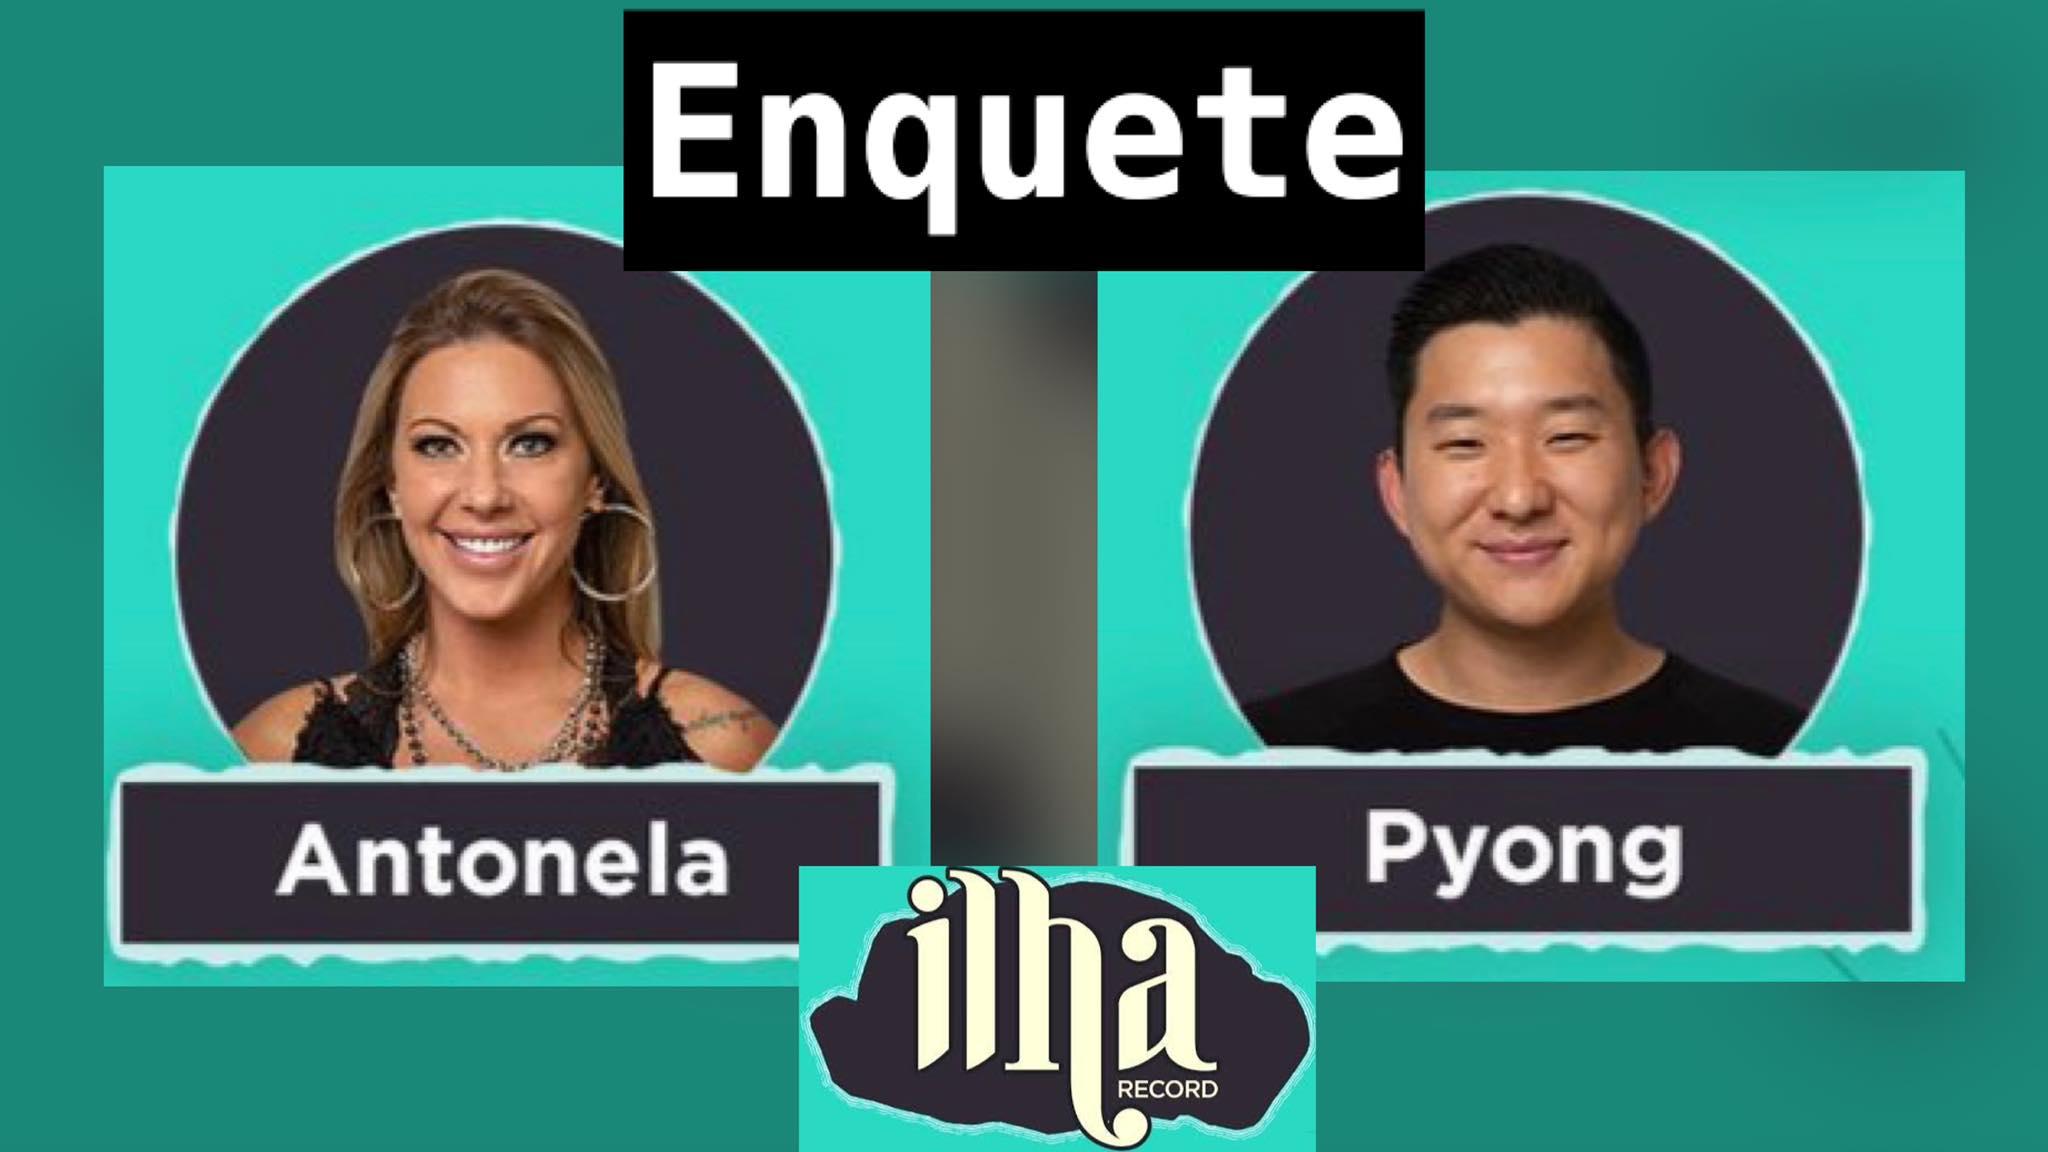 Antonela e Pyong estão no desafio de sobrevivência dessa semana. Dessa forma, vote em nossa enquete e registre sua opinião. Fonte: Montagem/Fashion Bubbles